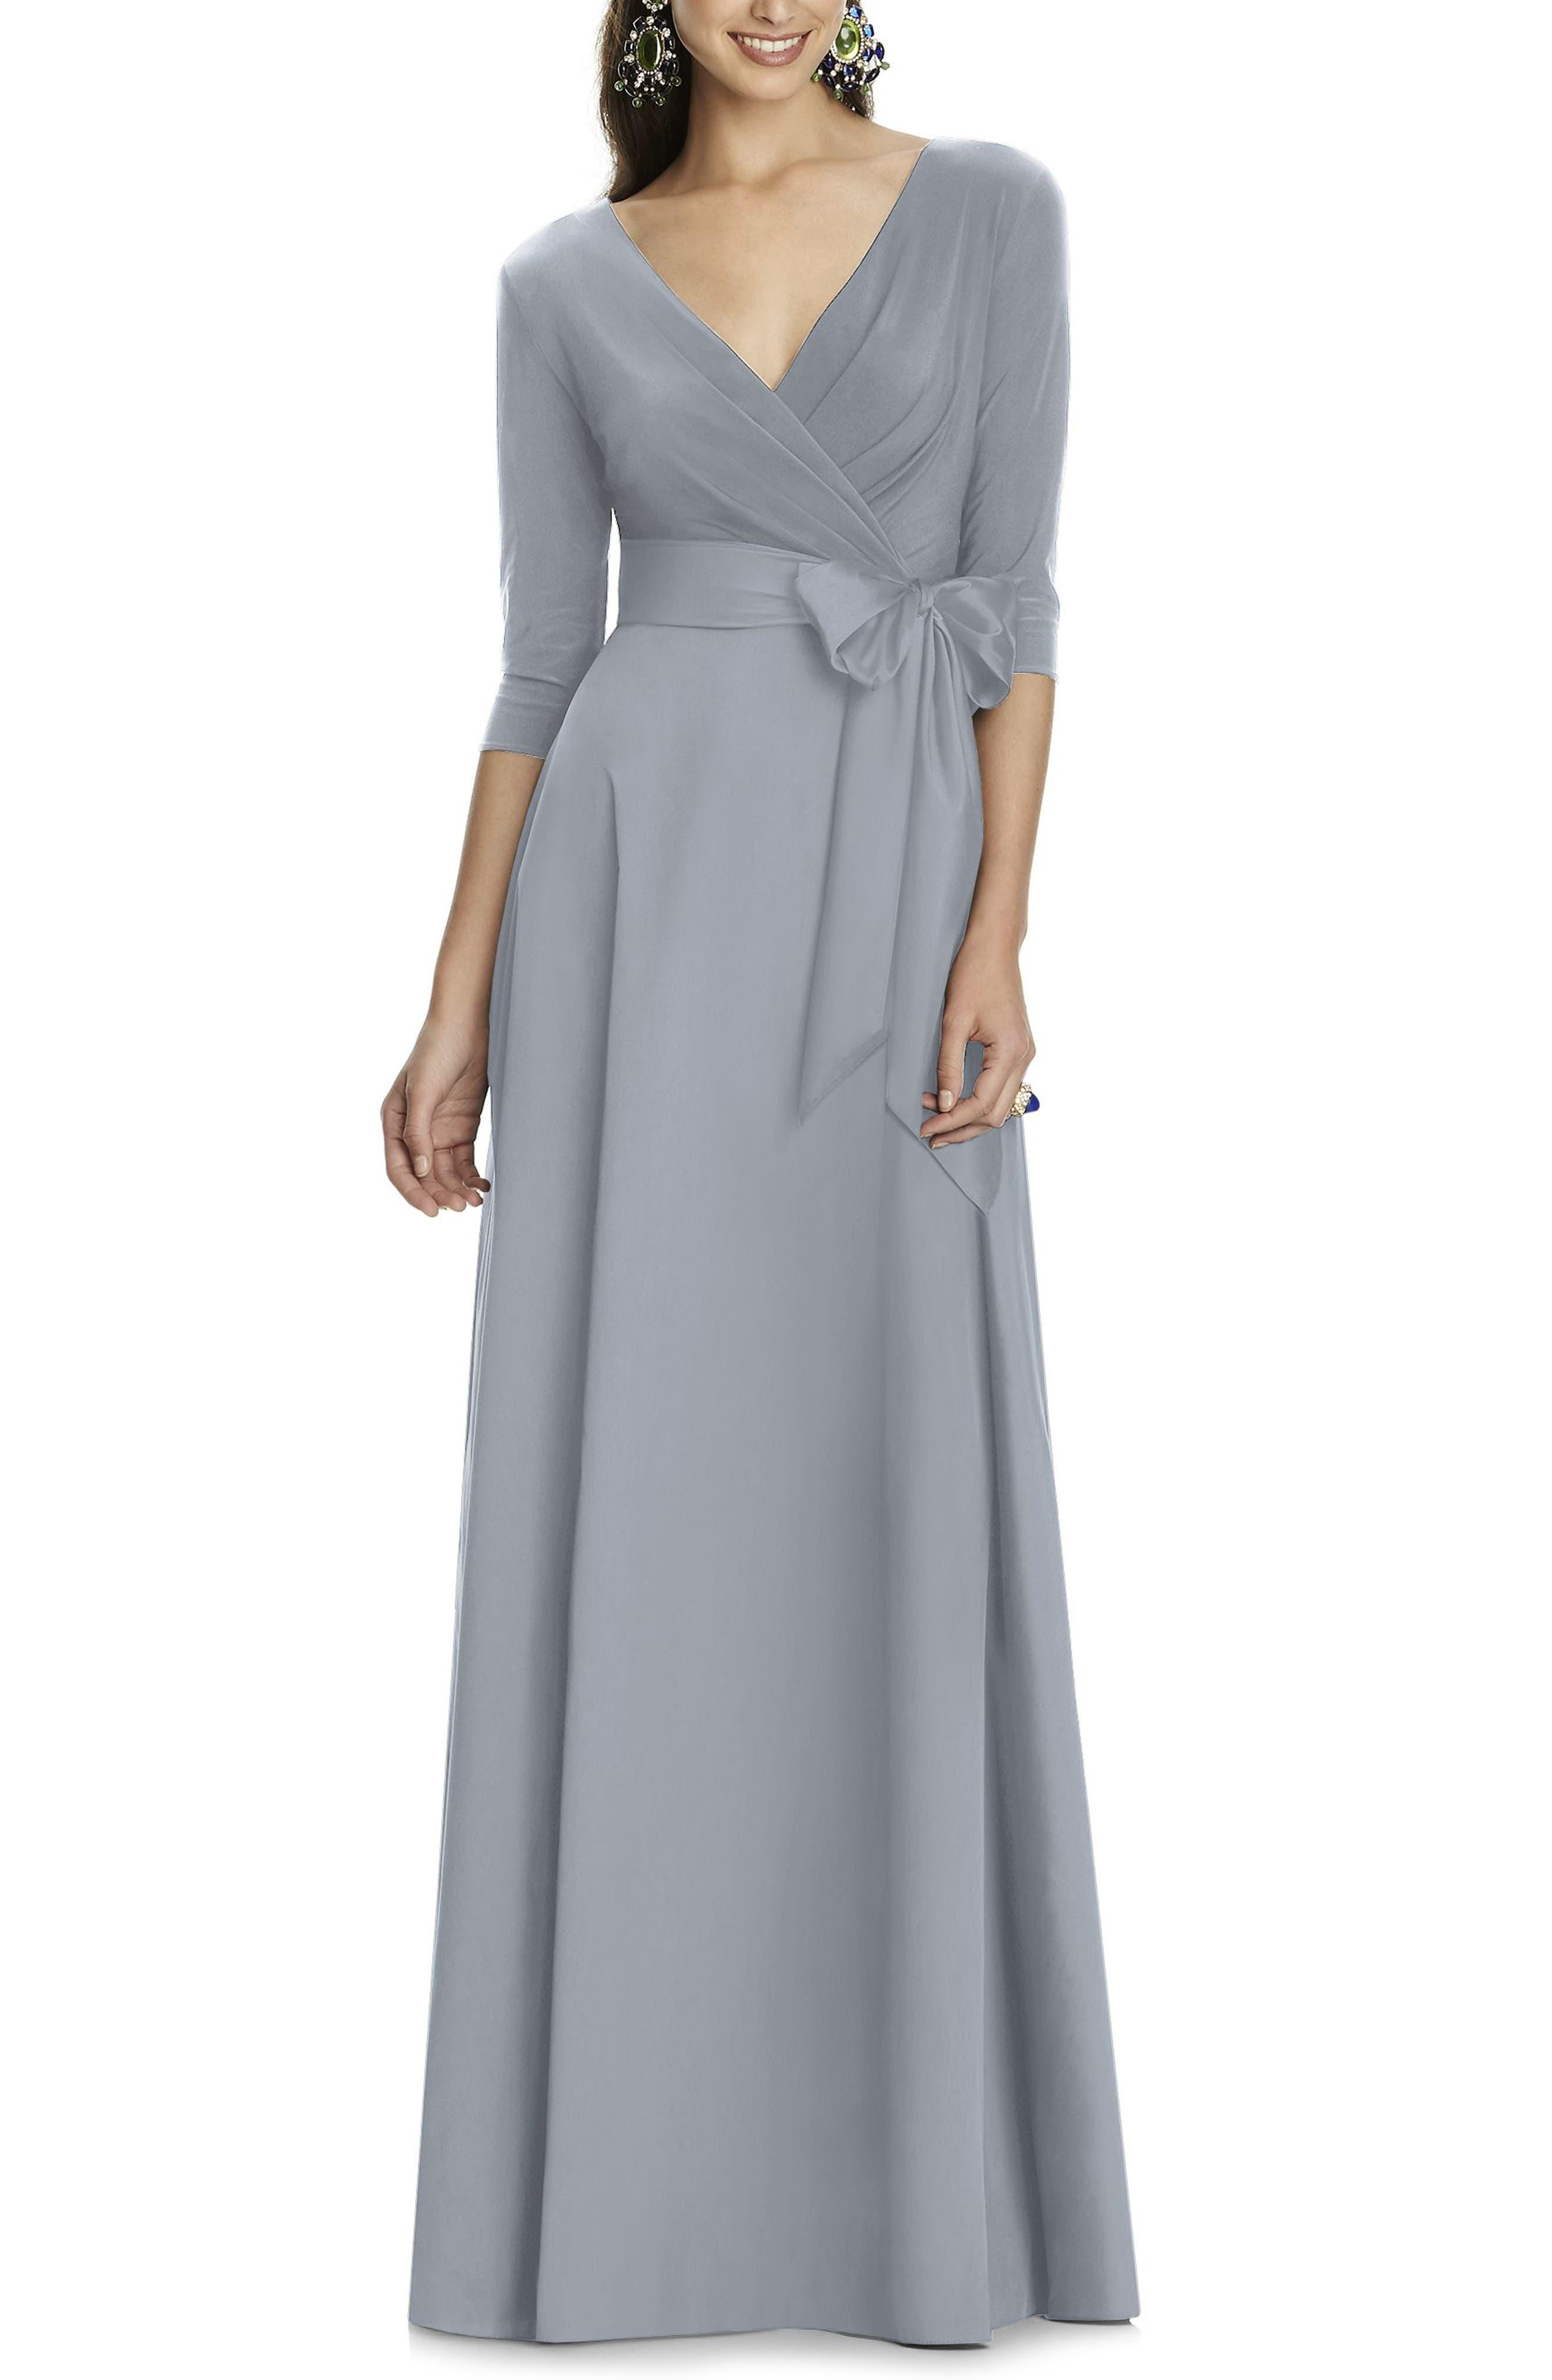 Nordstrom Mother Bride Dresses